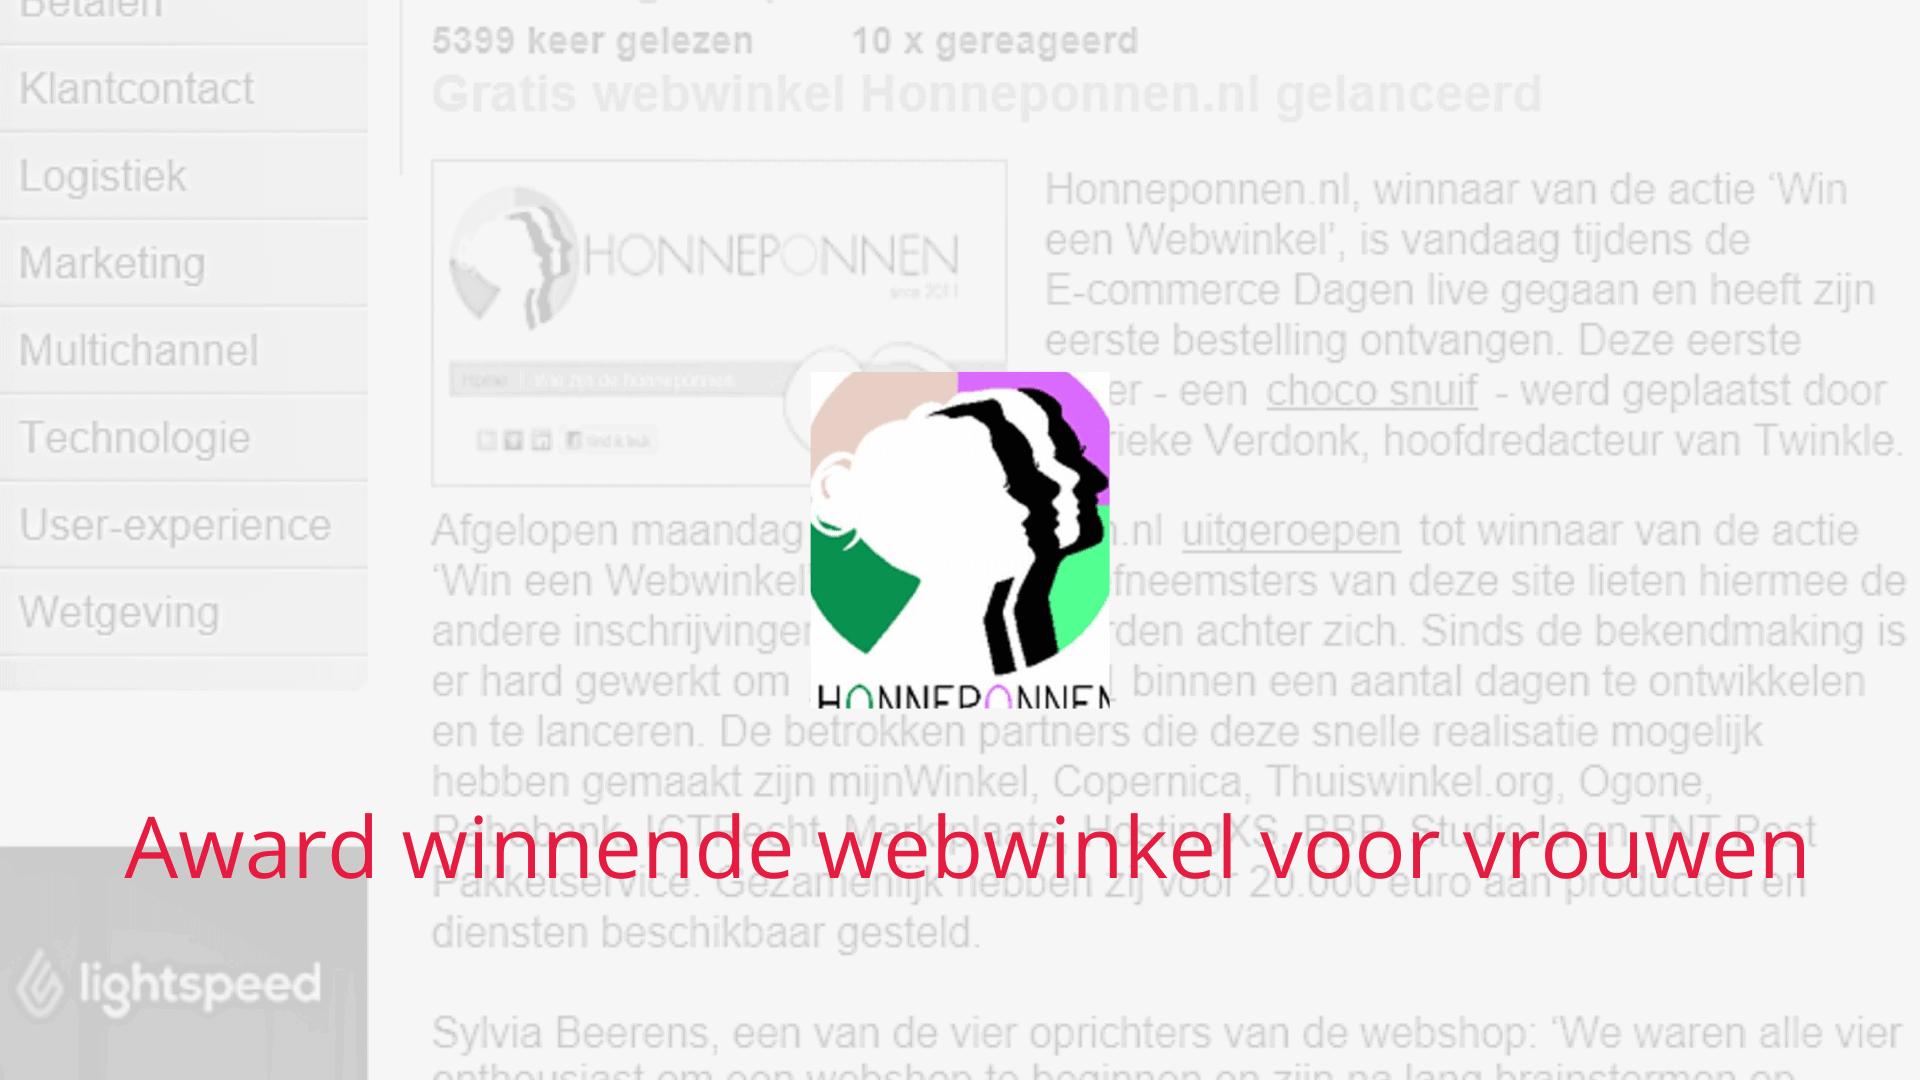 webwinkel voor vrouwen